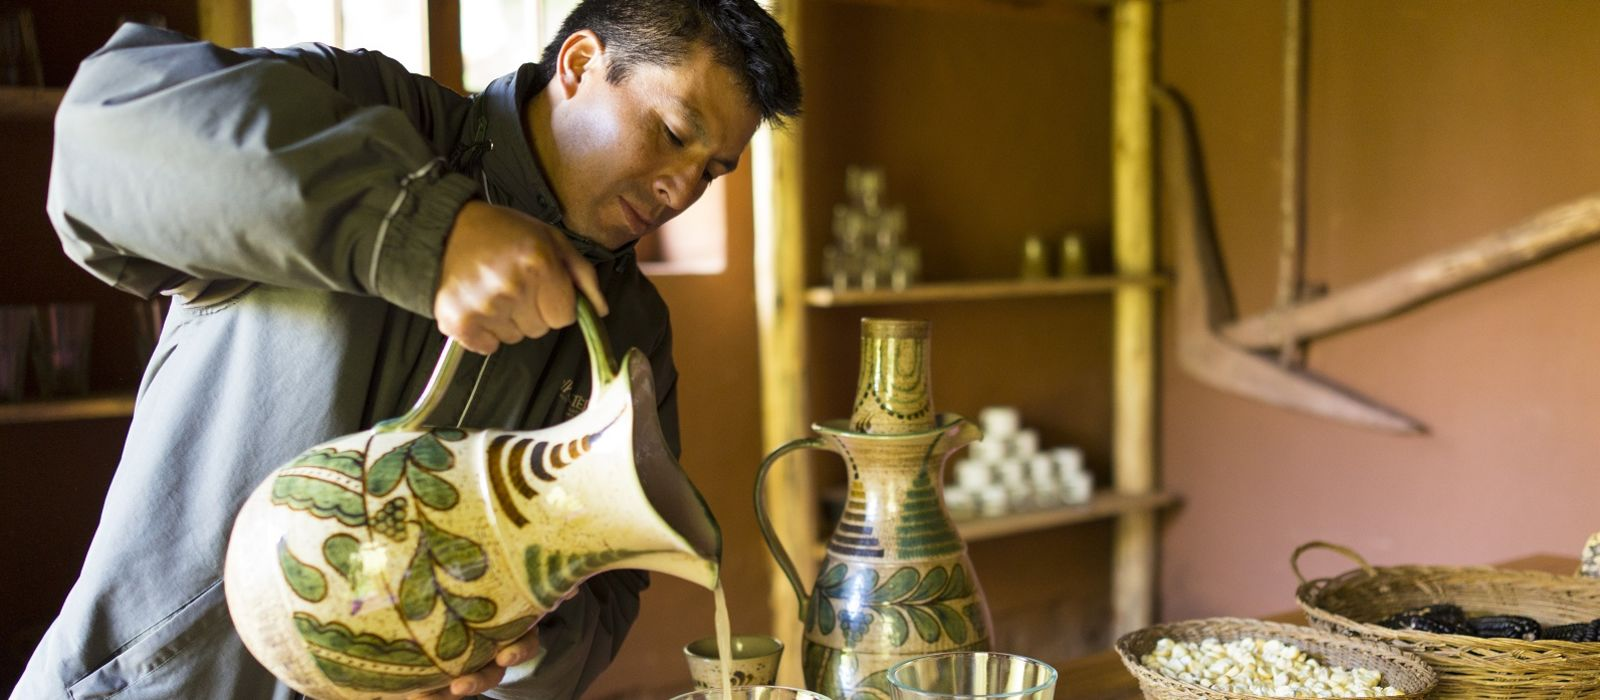 Cuisine in Bolivia